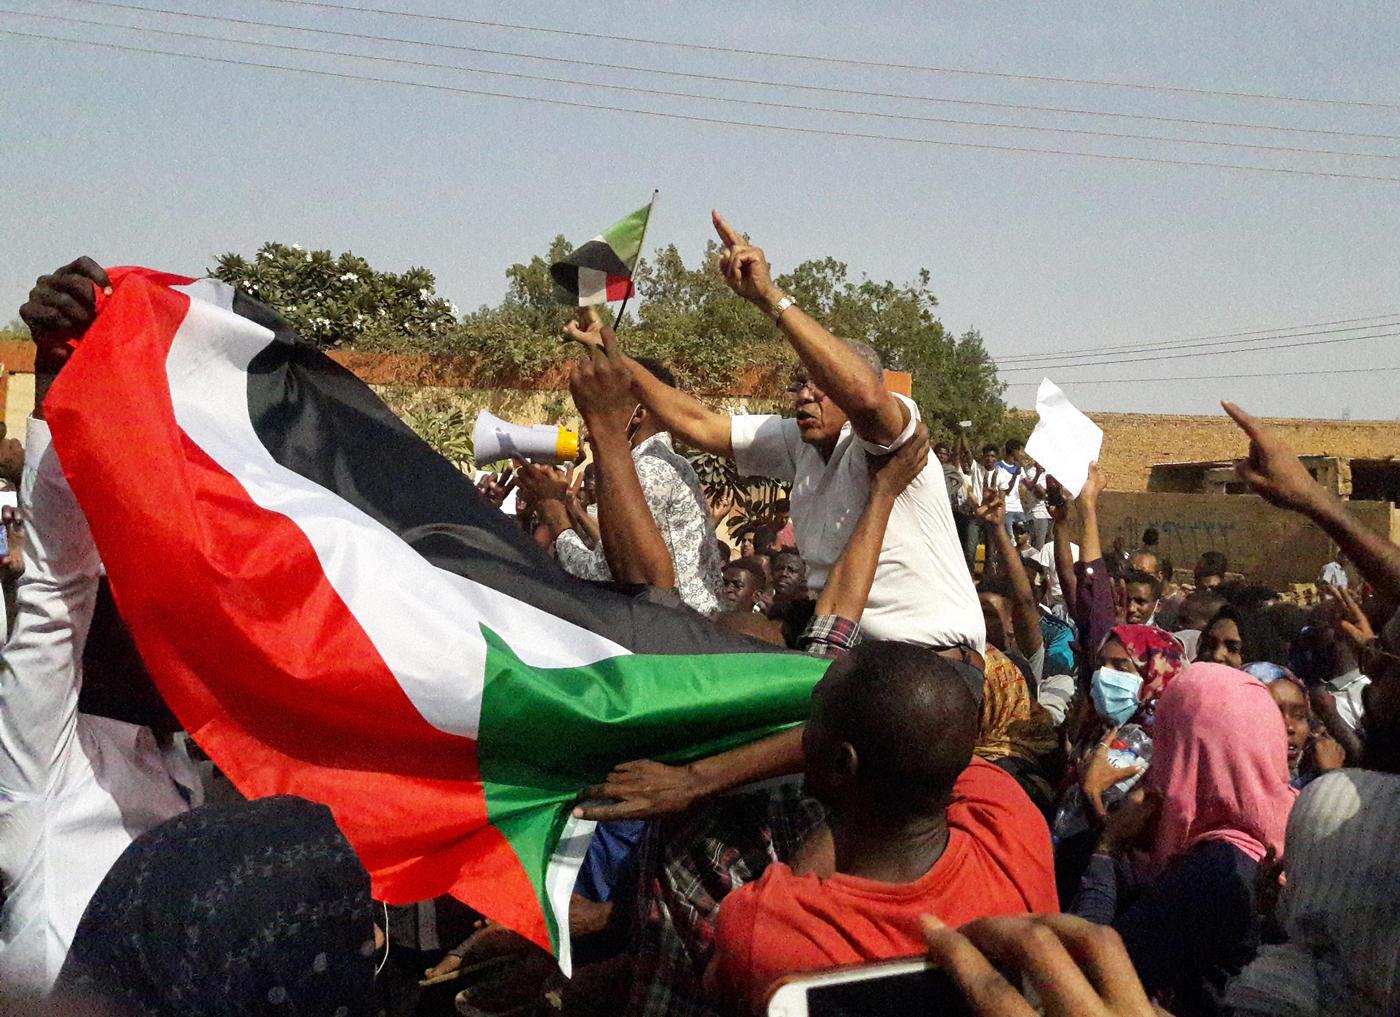 omdurman khartoum sudan